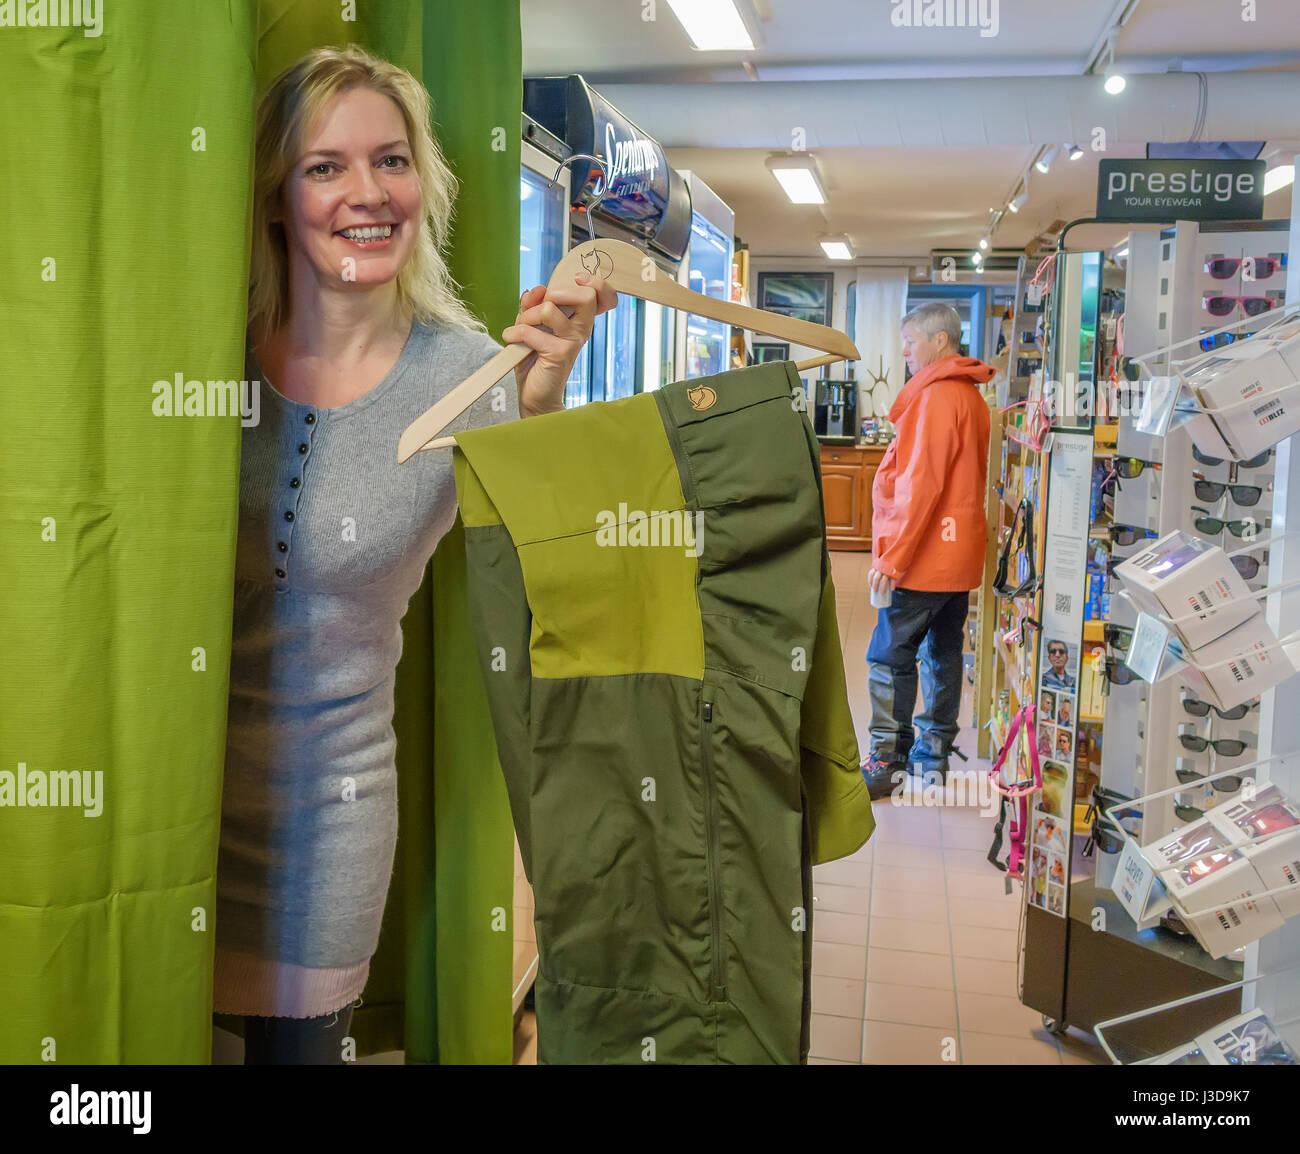 Woman shopping for ski pants - Stock Image